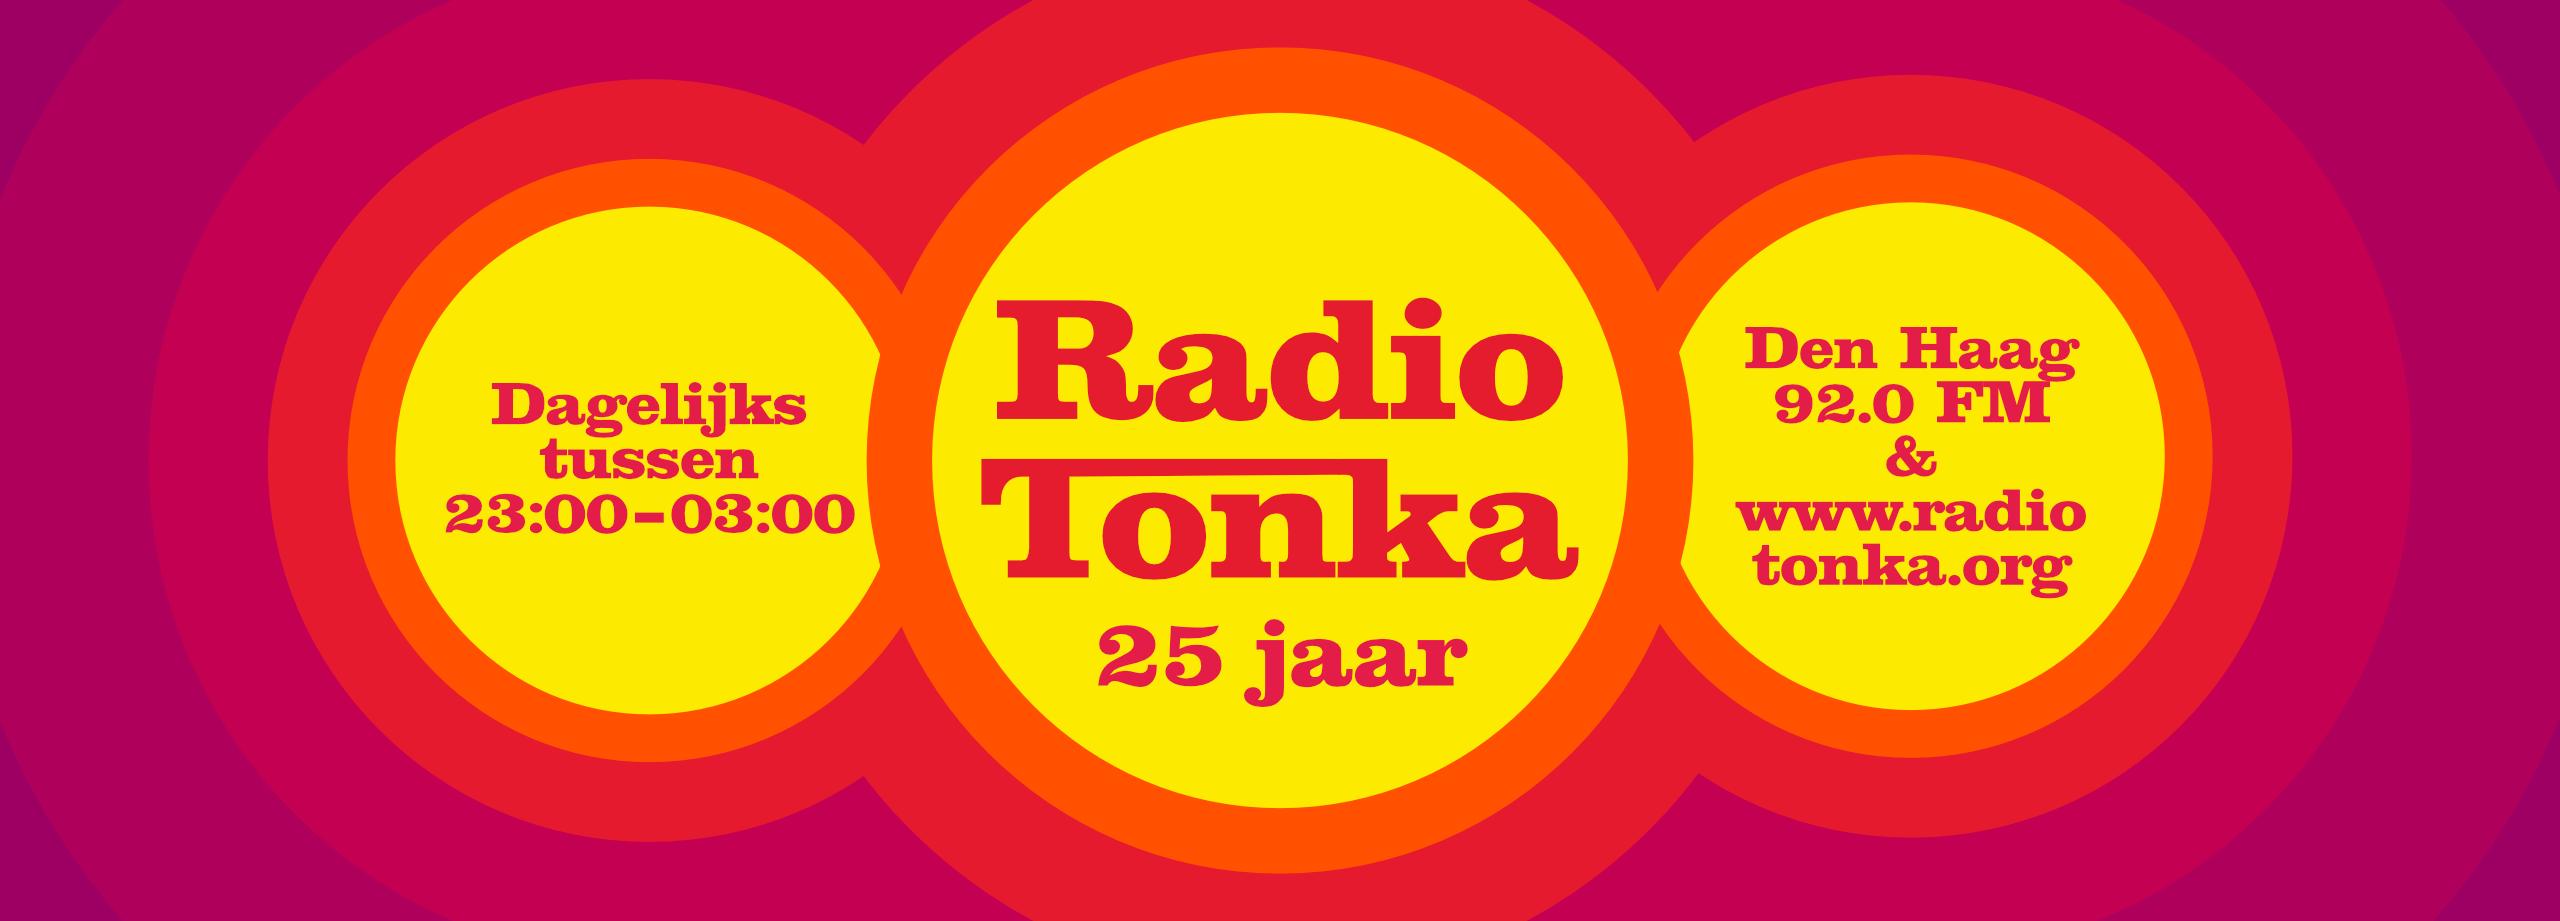 Radio Tonka 25 Jaar viering in de Grey Space